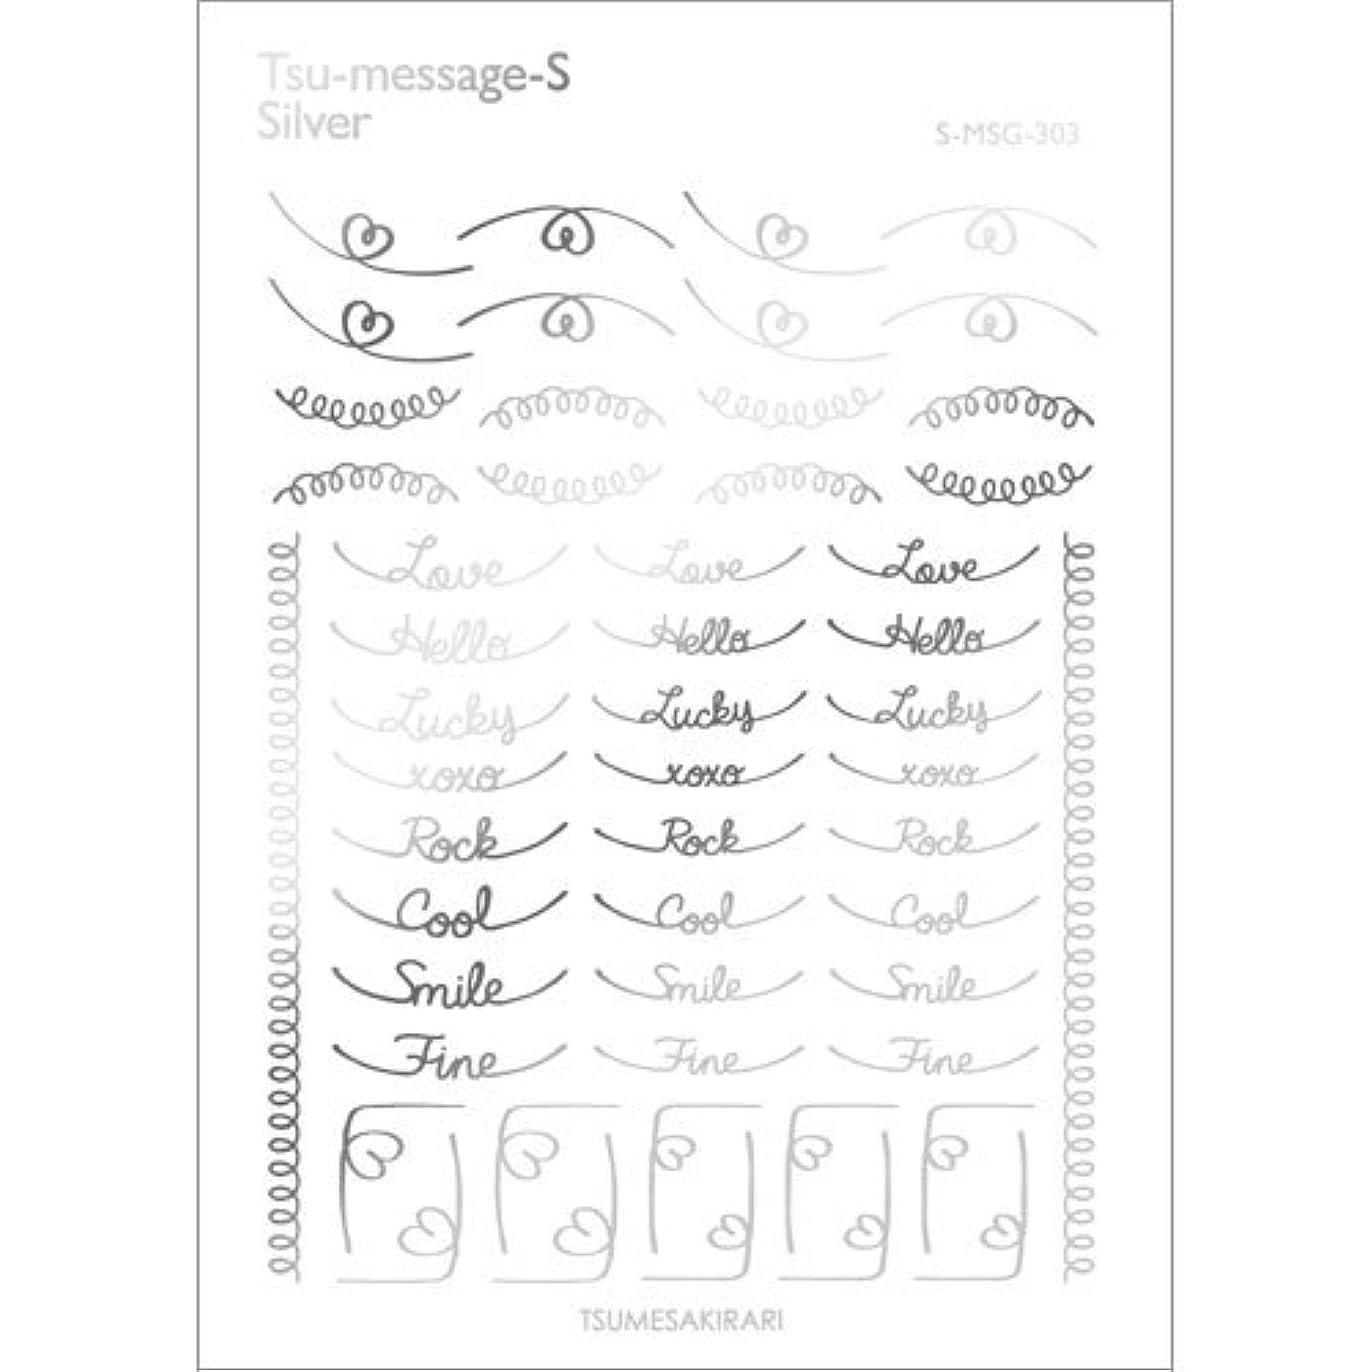 地中海君主制ドラフトツメキラ ネイル用シール スタンダードスタイル ツメッセージ シルバー